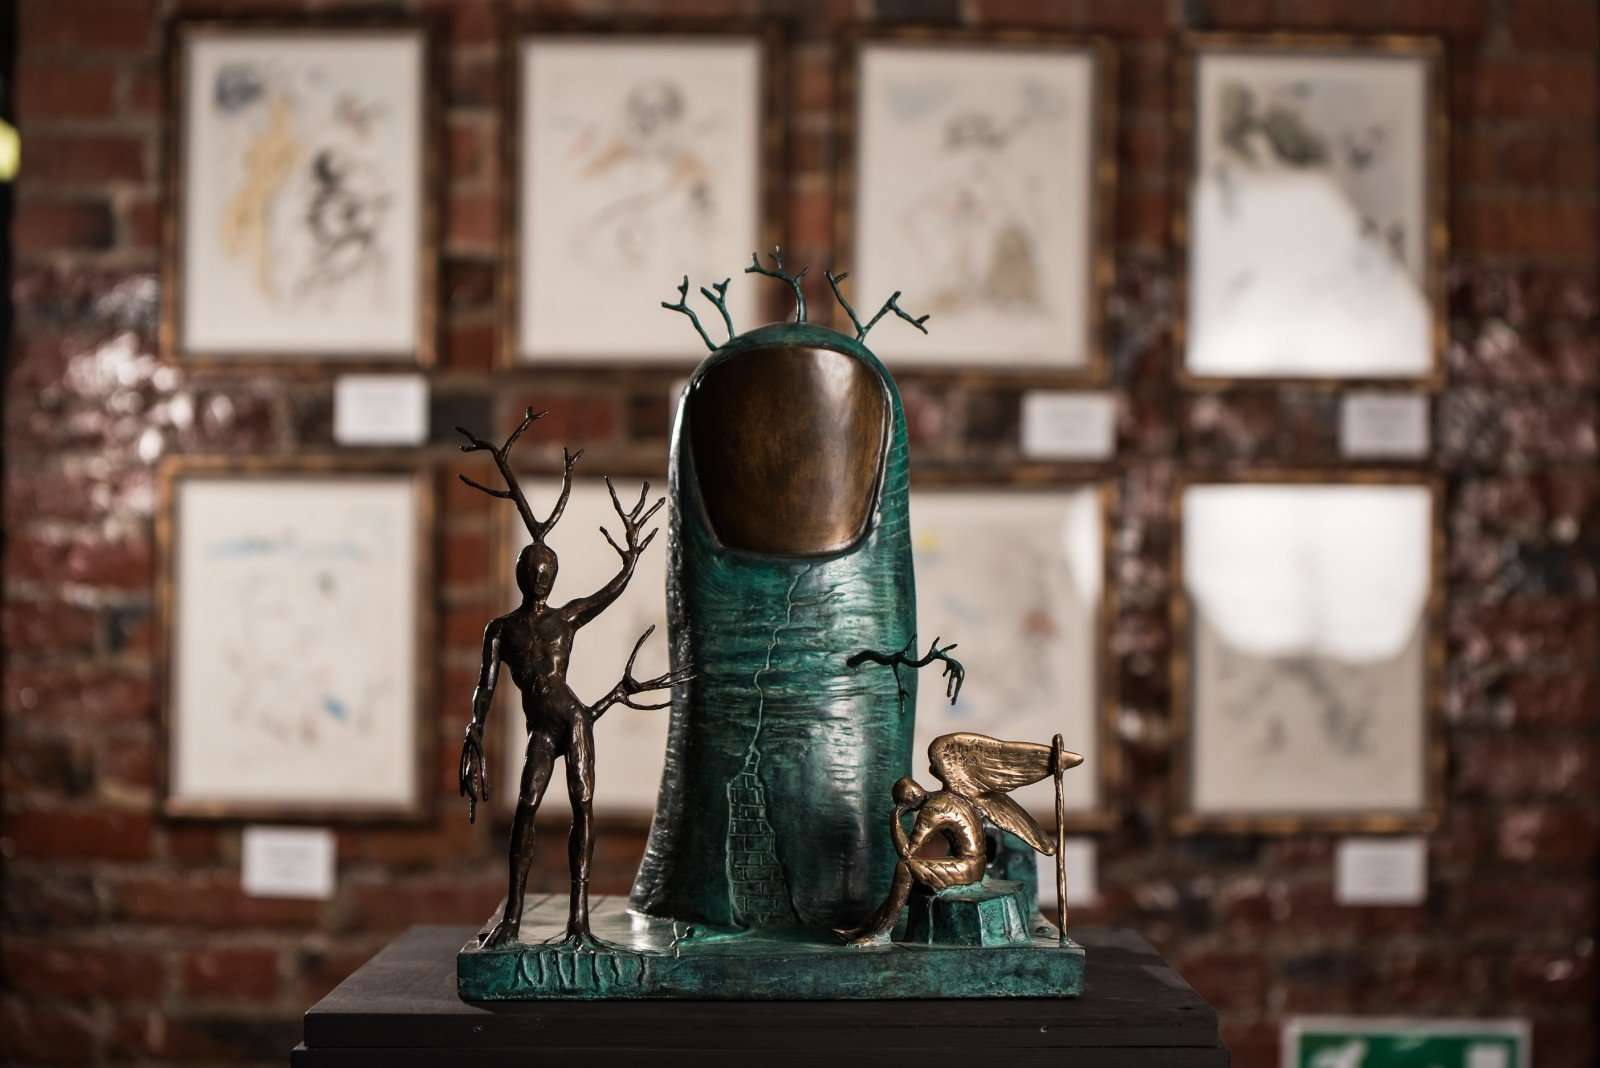 Шедевры Поленова, Анри Матисс и испанские импрессионисты: лучшие выставки этой осени